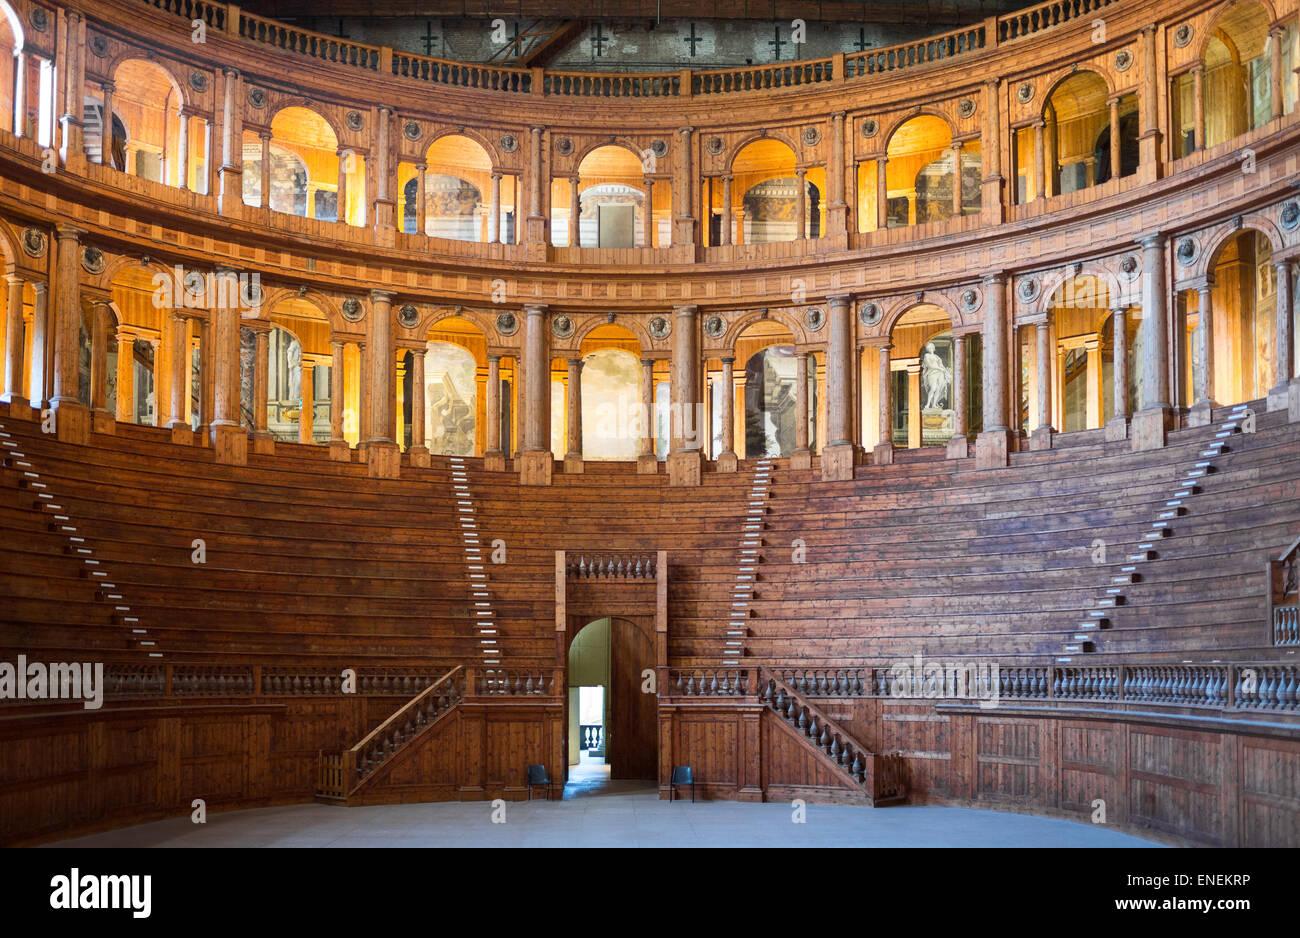 Parma, the wooden Farnese Theatre made by Goivanni Battista Aleotti - Stock Image